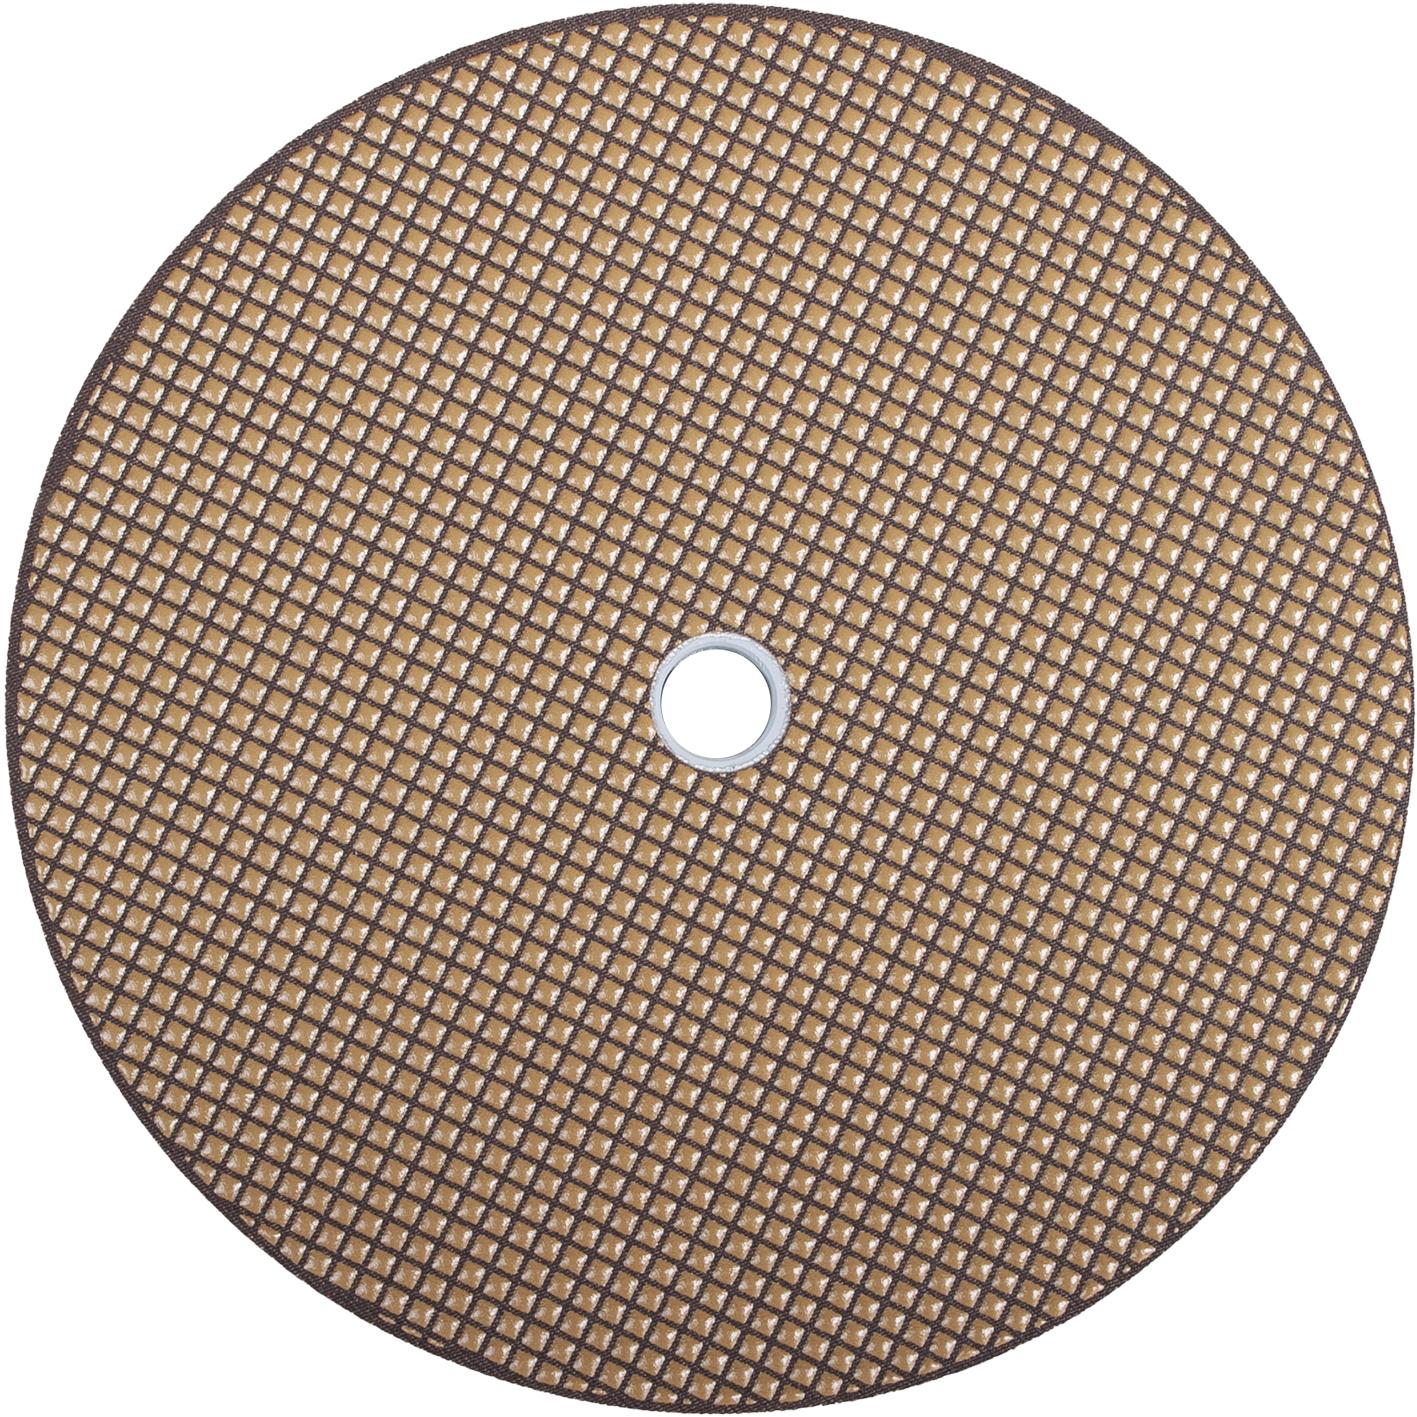 Diamantschleifteller OCTRON ø 250 mm │ Klett │ Korn 1500